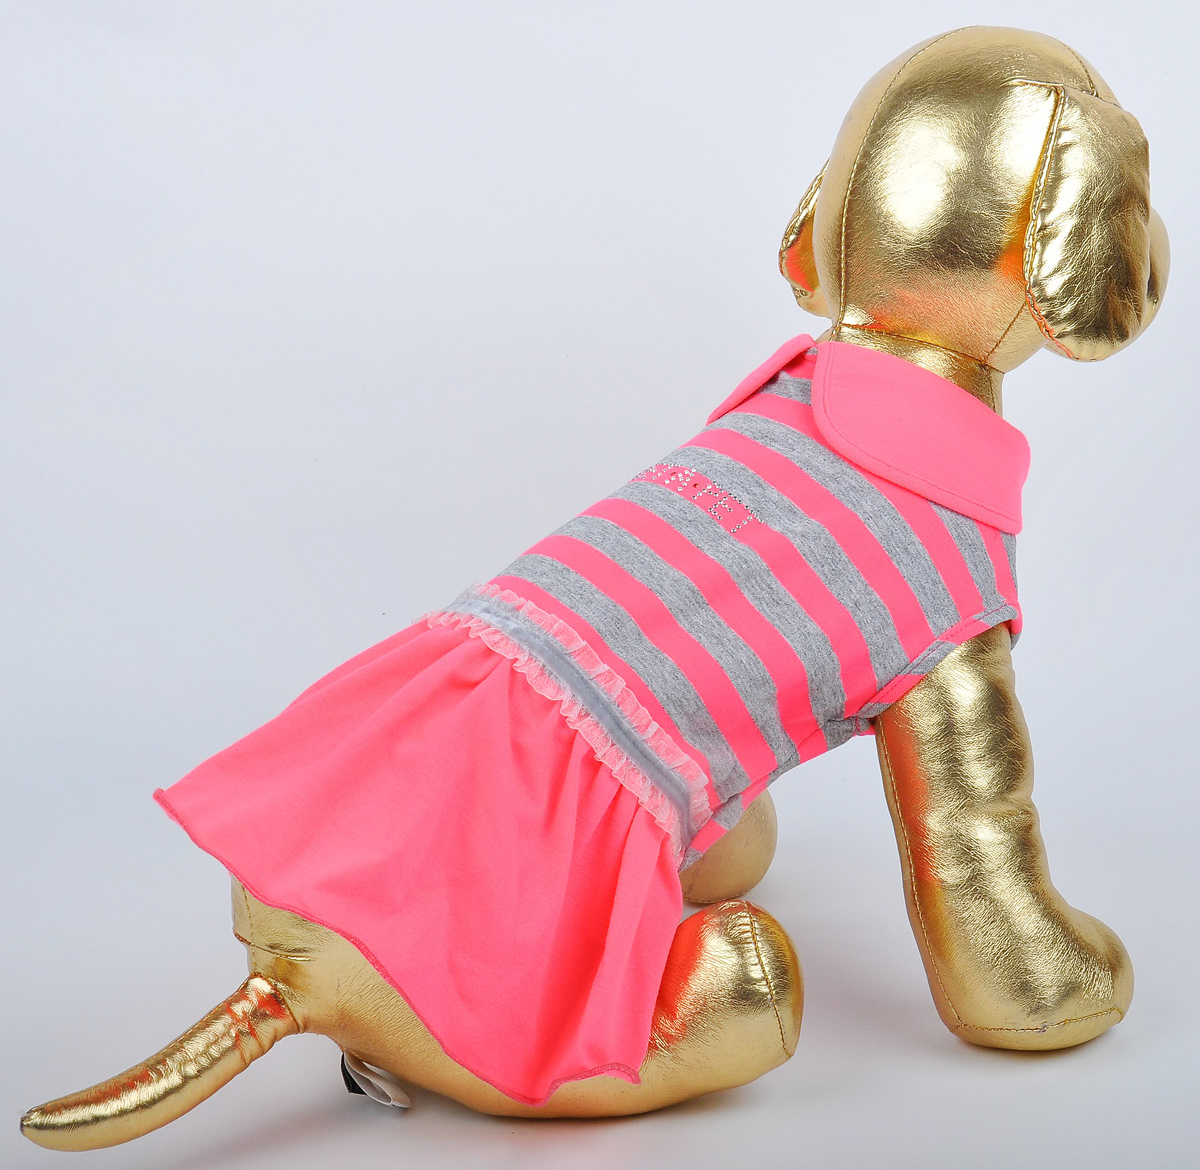 Платье для собак GLG Фэшн Ультра. Размер MMOS-005-PINK-MПлатье для собак GLG Фэшн Ультра выполнено из вискозы. Рукава не ограничивают свободу движений, и собачка будет чувствовать себя в нем комфортно. Изделие застегивается с помощью кнопок..Модное и невероятно удобное платье защитит вашего питомца от пыли и насекомых на улице, согреет дома или на даче. Длина спины: 27-29 см Обхват груди: 37-39 см.